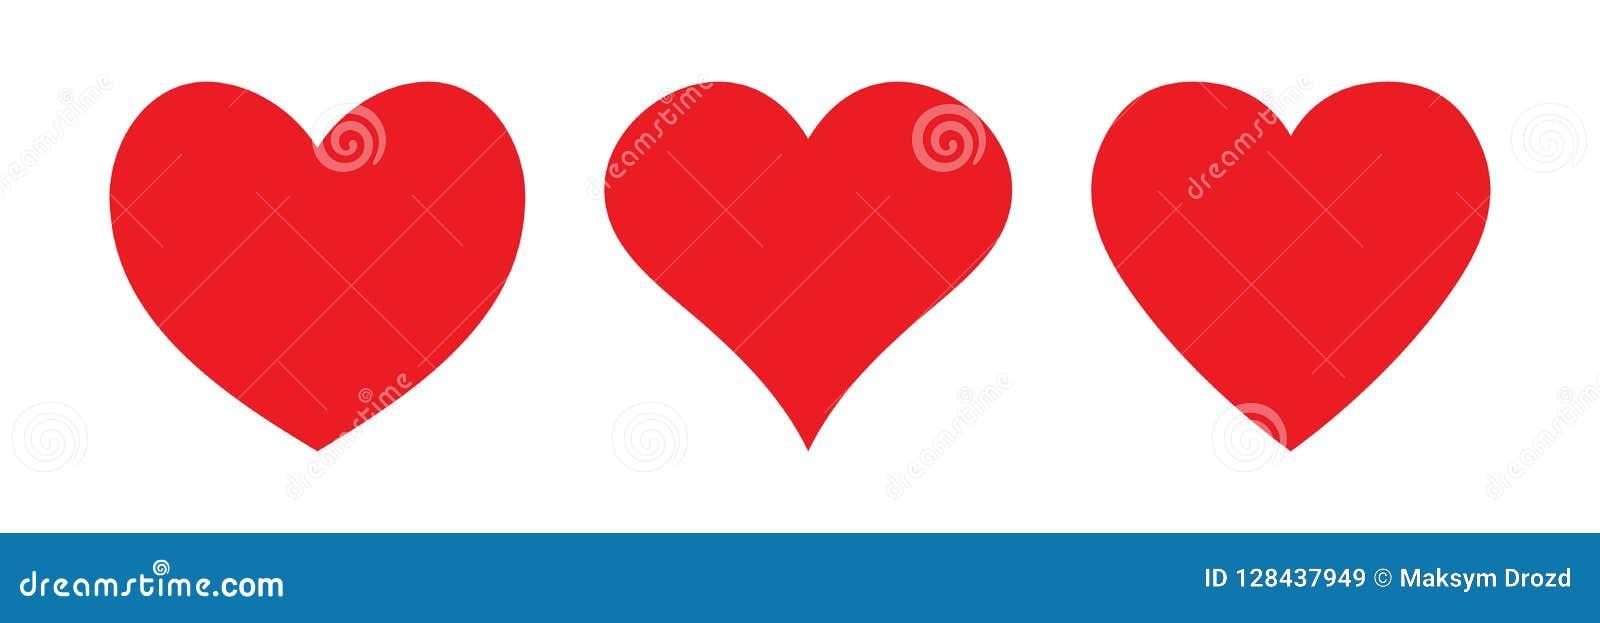 Ícone vermelho do coração, ícone do amor